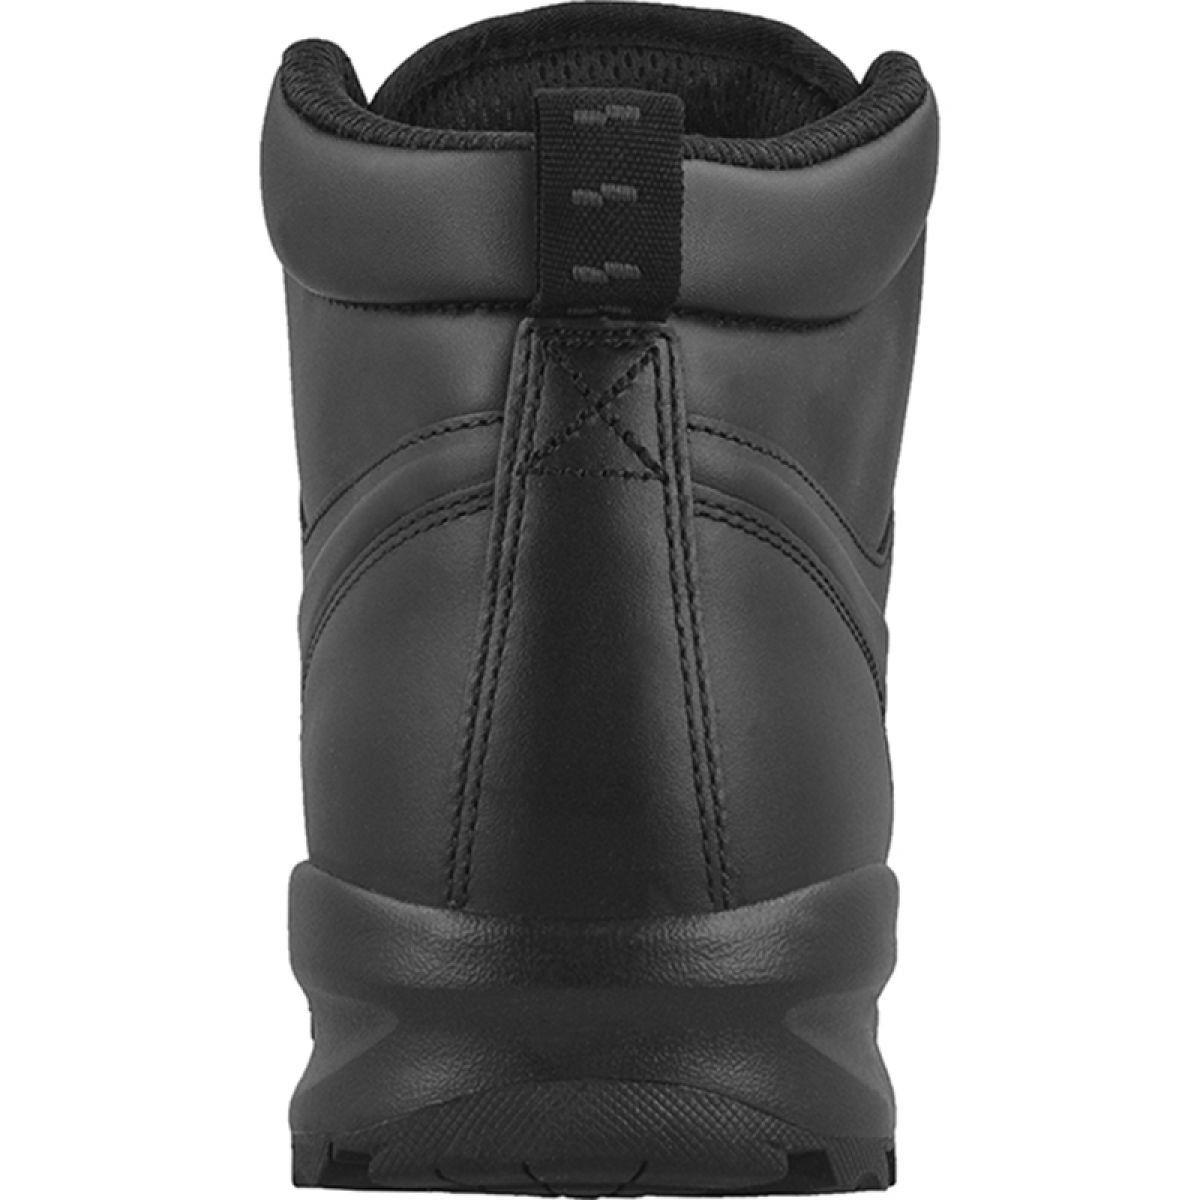 Buty Zimowe Nike Manoa Leather M 454350 003 Czarne Winter Shoes Leather Nike Shoes